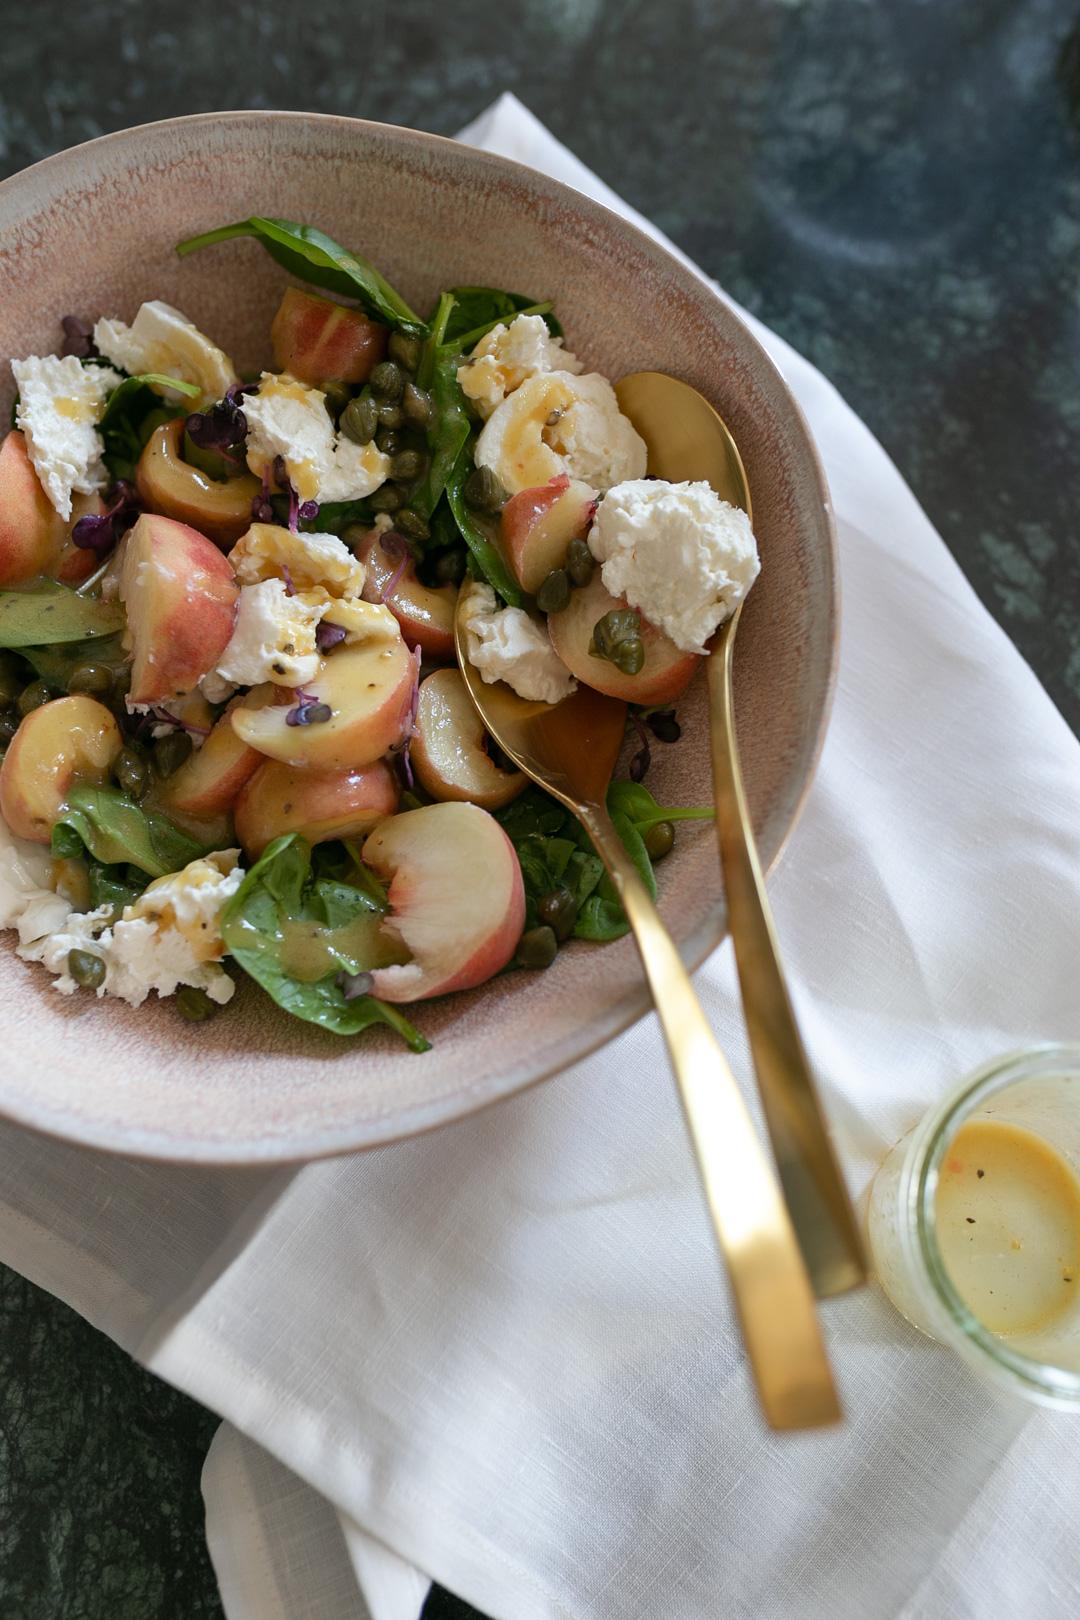 Ihr wollt euch den Sommer nochmal in die Küche holen? Dann ist dieses Rezept für einen spätsommerlichen Salat genau das Richtige für euch! Mehr Rezepte findet ihr auf www.piecesofmariposa.com